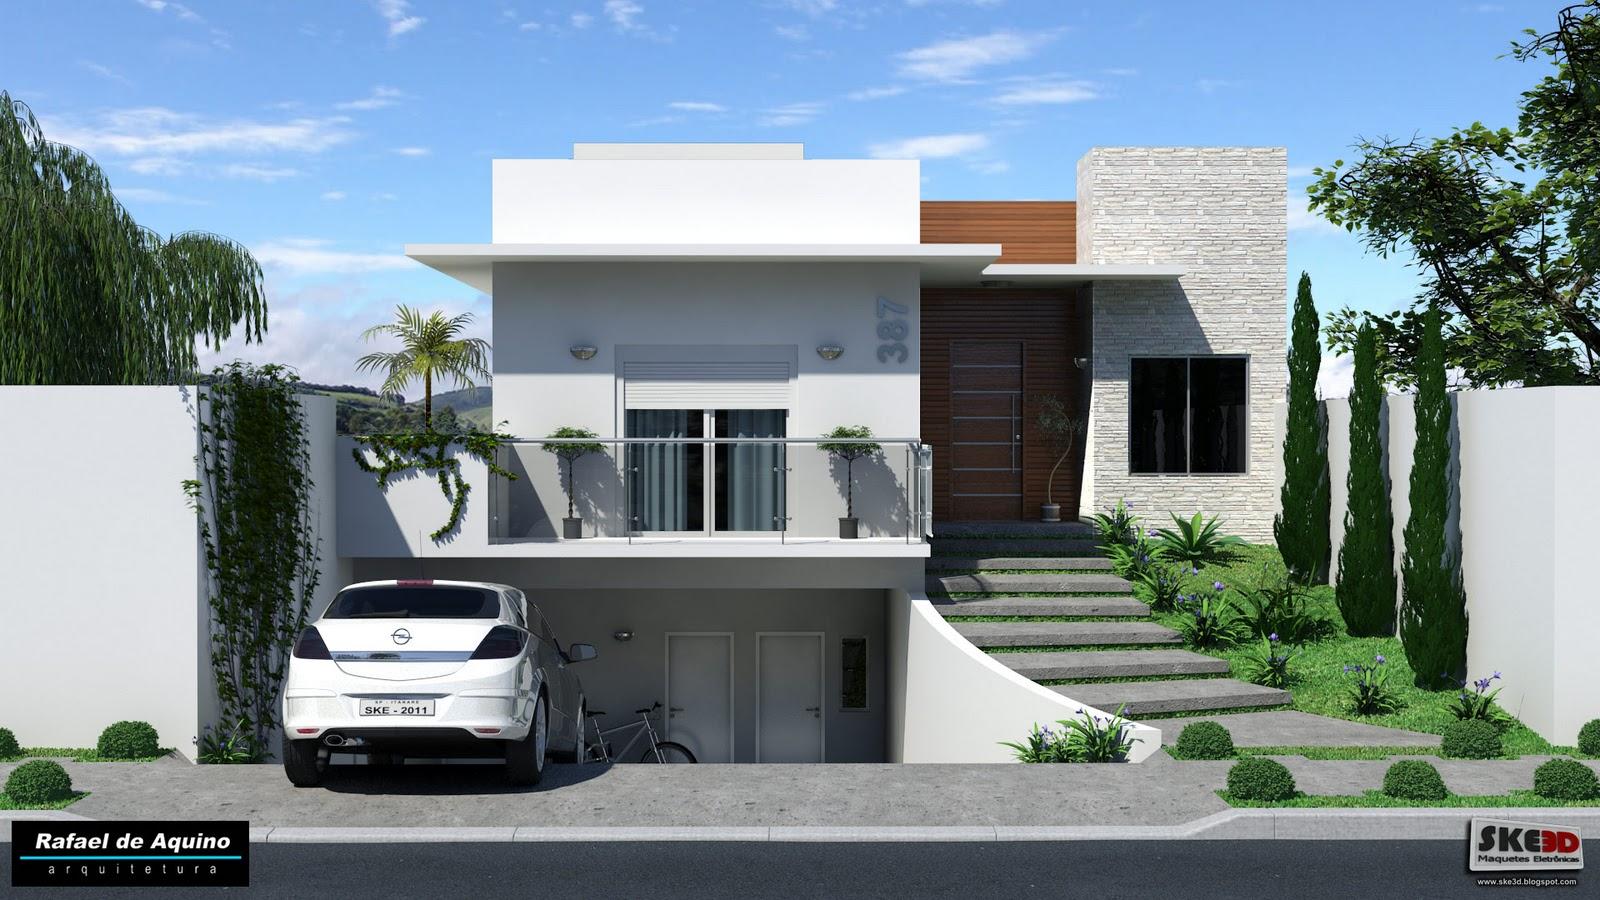 Ske3d maquetes eletr nicas resid ncia com subsolo for Casa moderna wallpaper